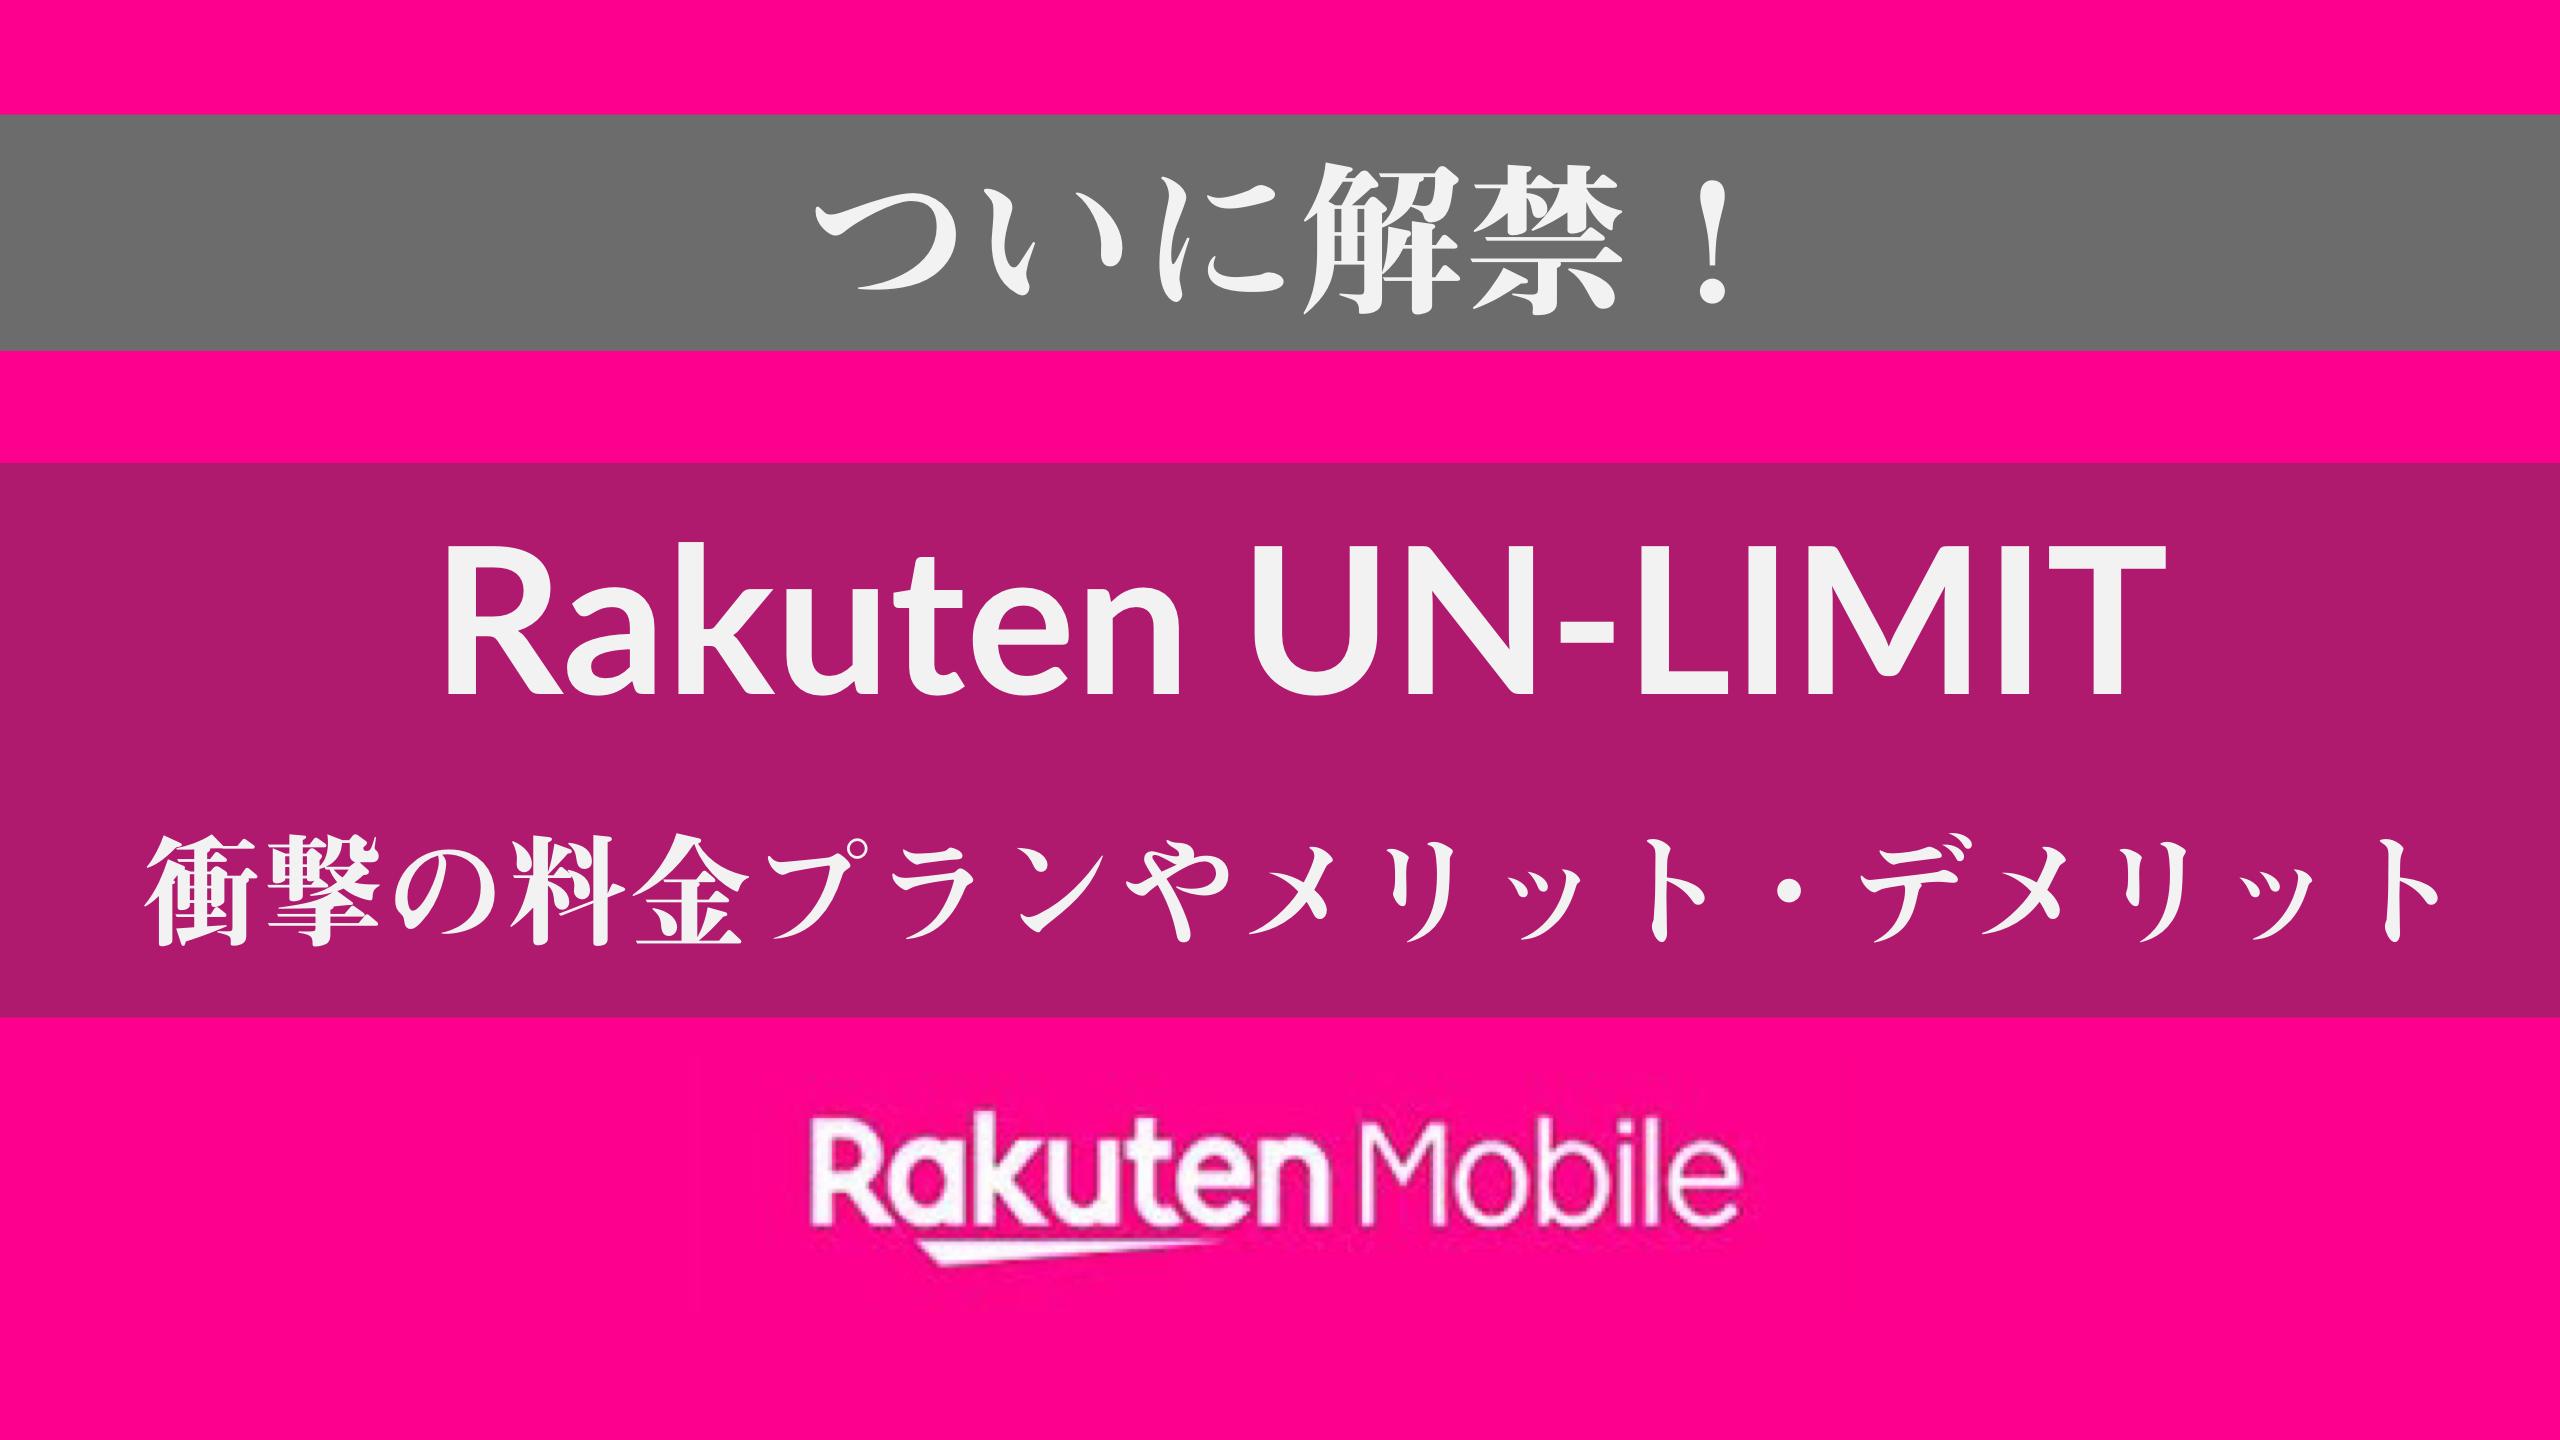 楽天モバイル 衝撃の料金プラン「Rakuten UN-LIMIT」は乗り換えるべき?メリット・デメリットを確認!